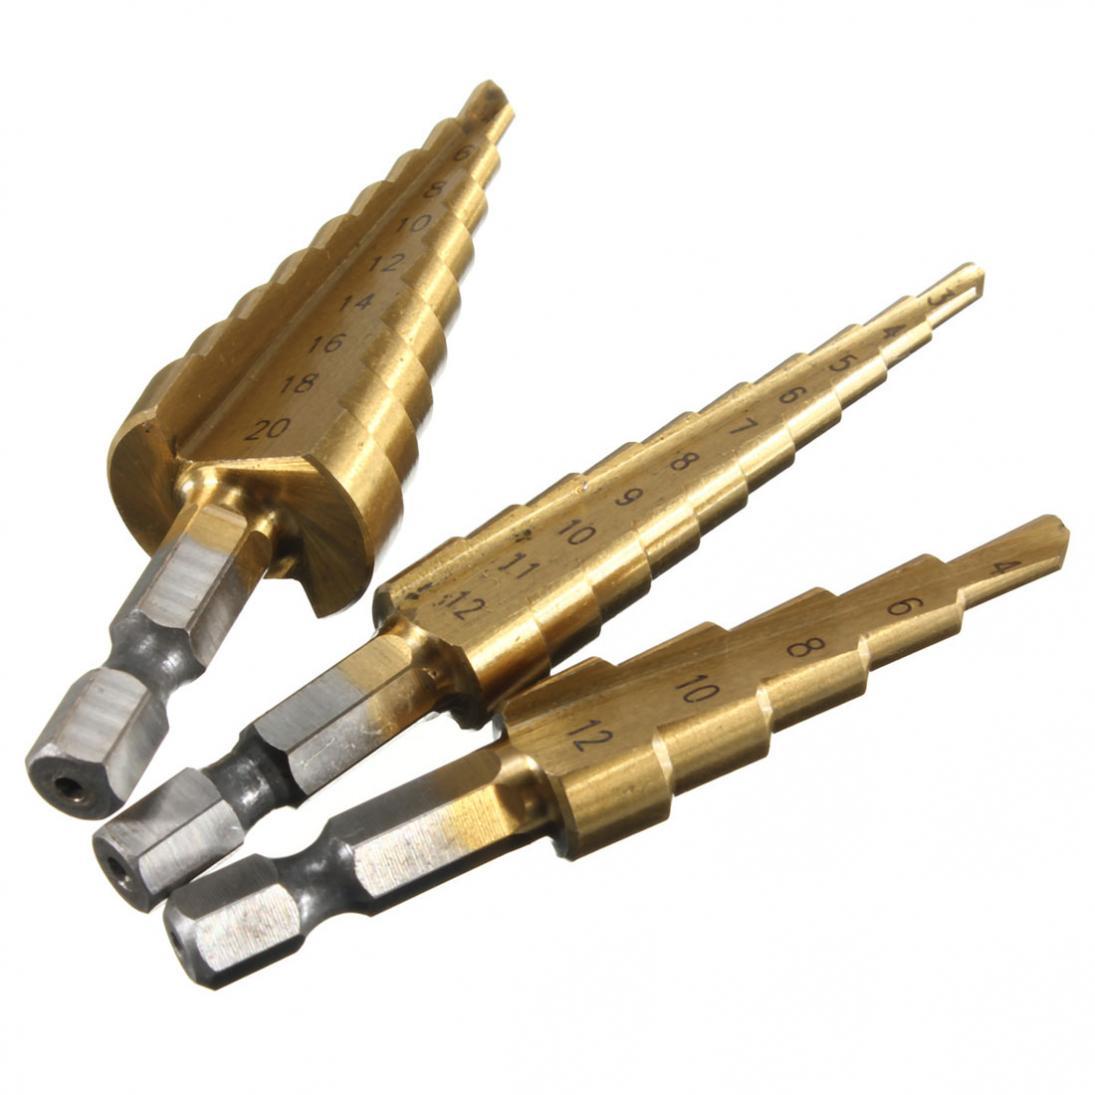 3pcs Stepped Drill Bit Sets 3-12mm 4-12mm 4-20mm Taper Drill Bits For Metal Power Tools Accessories Tltanium Bits